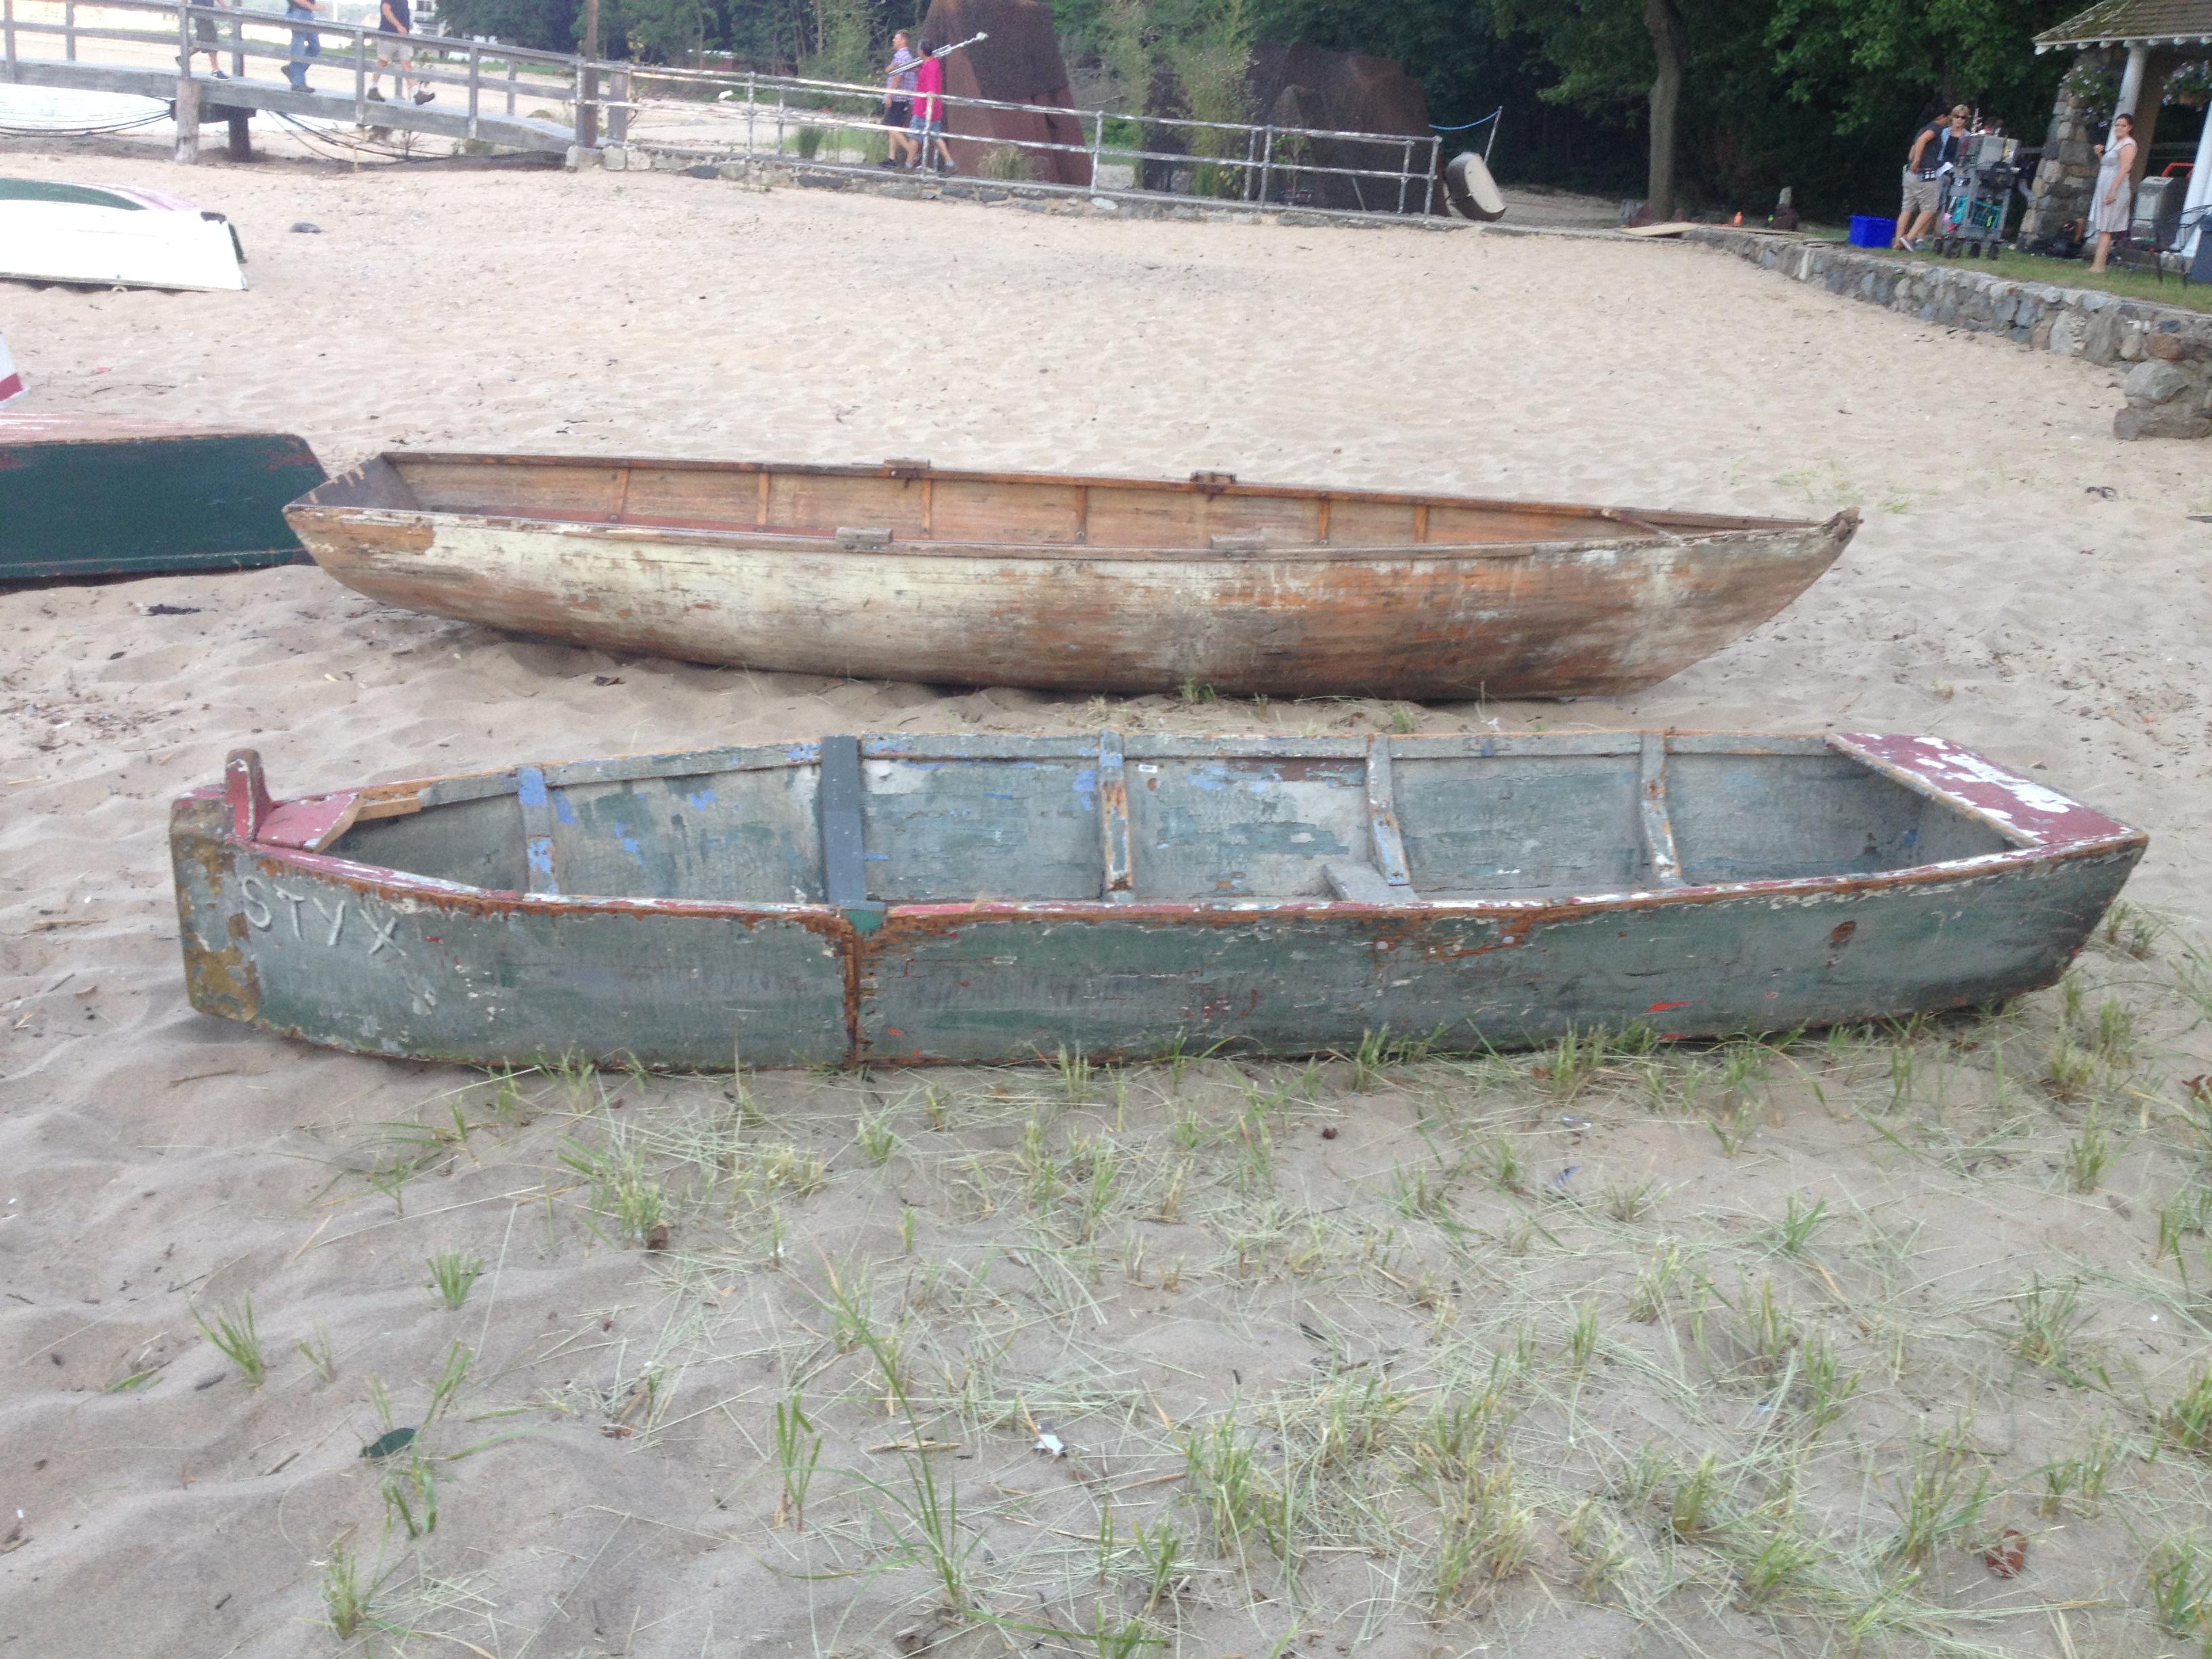 1915 Swamp Boat